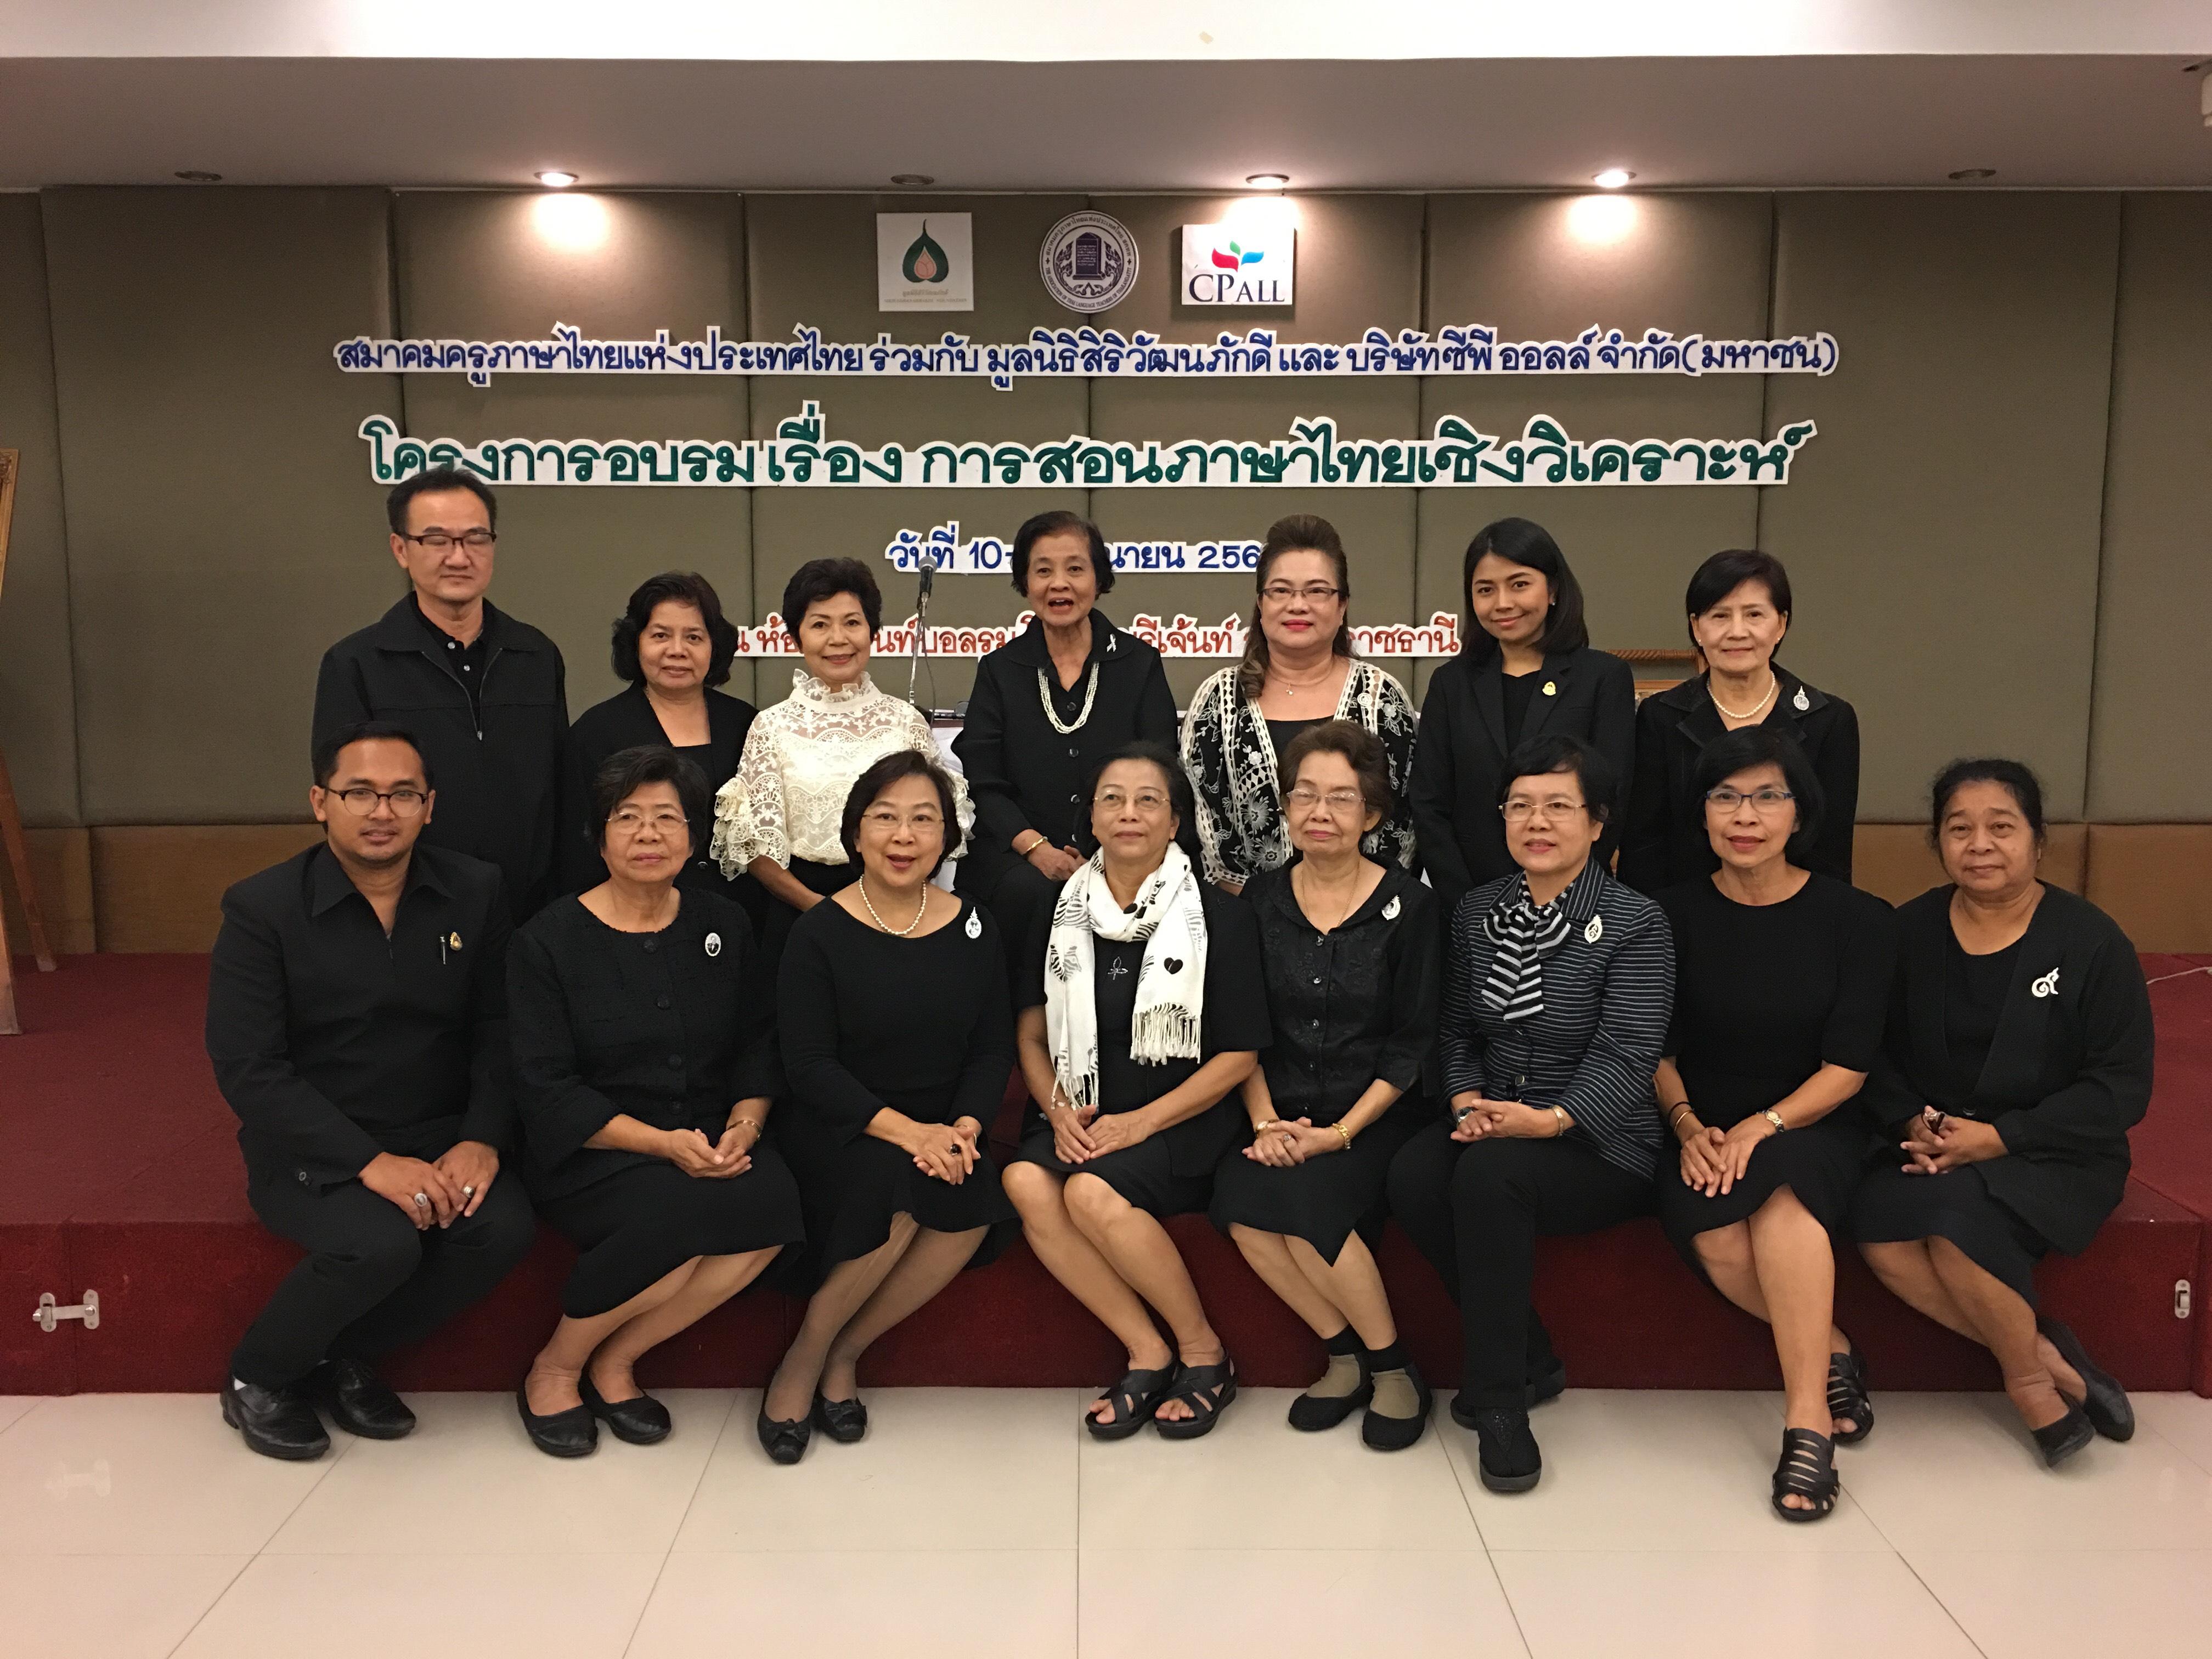 สรุปผลการอบรมการสอนภาษาไทยเชิงวิเคราะห์ จังหวัดอุบลราชธานี